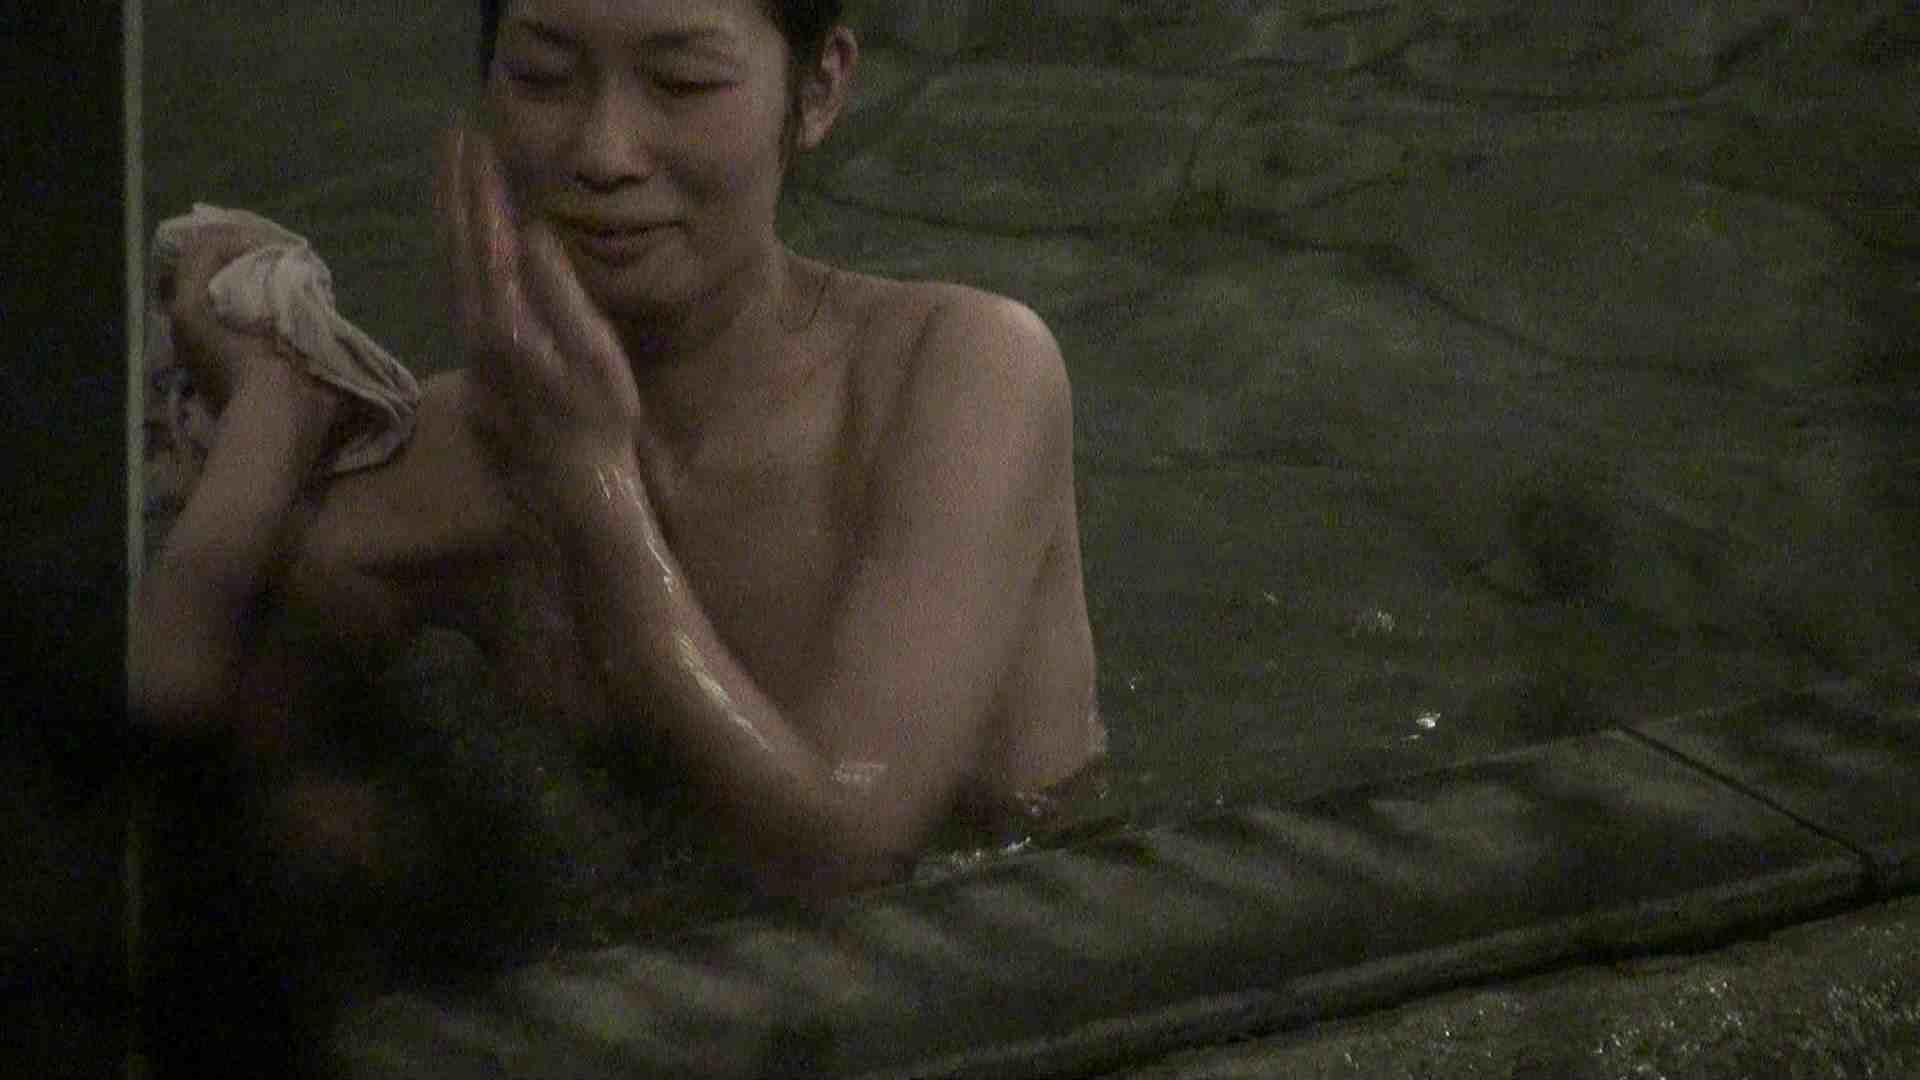 Aquaな露天風呂Vol.399 盗撮シリーズ  85PIX 18